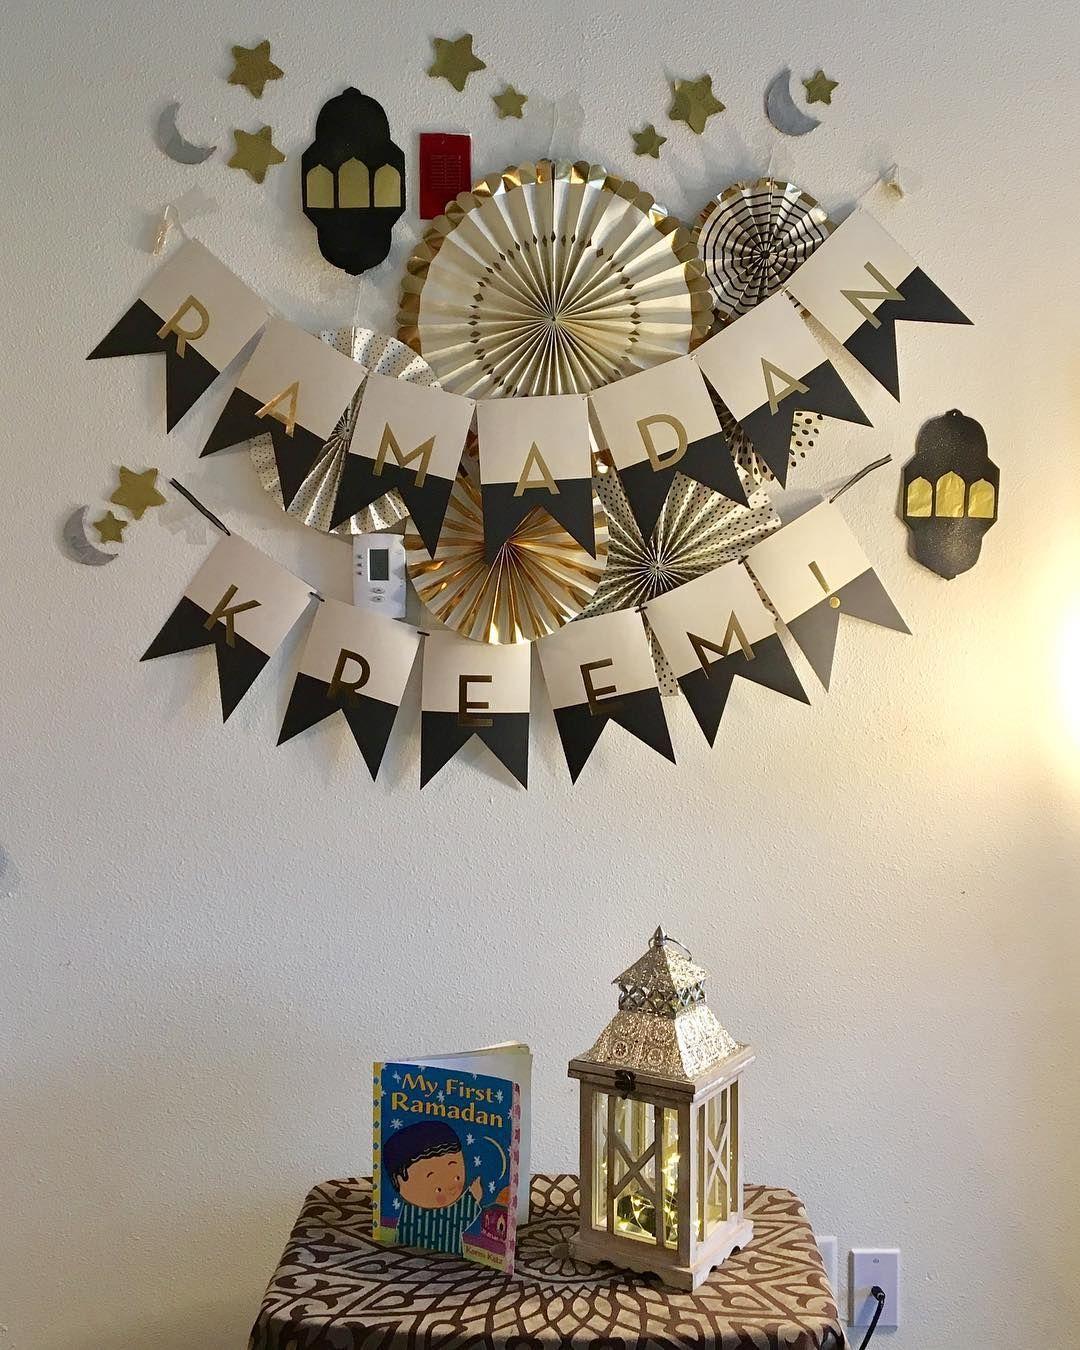 Omniashaker On Instagram تاني زينة رمضان لموسى ده أول كورنر لسه هضيف عليه لمسات بسيطة إن شاء الله Ramadan Decorations Ramadan Home Decor Decals